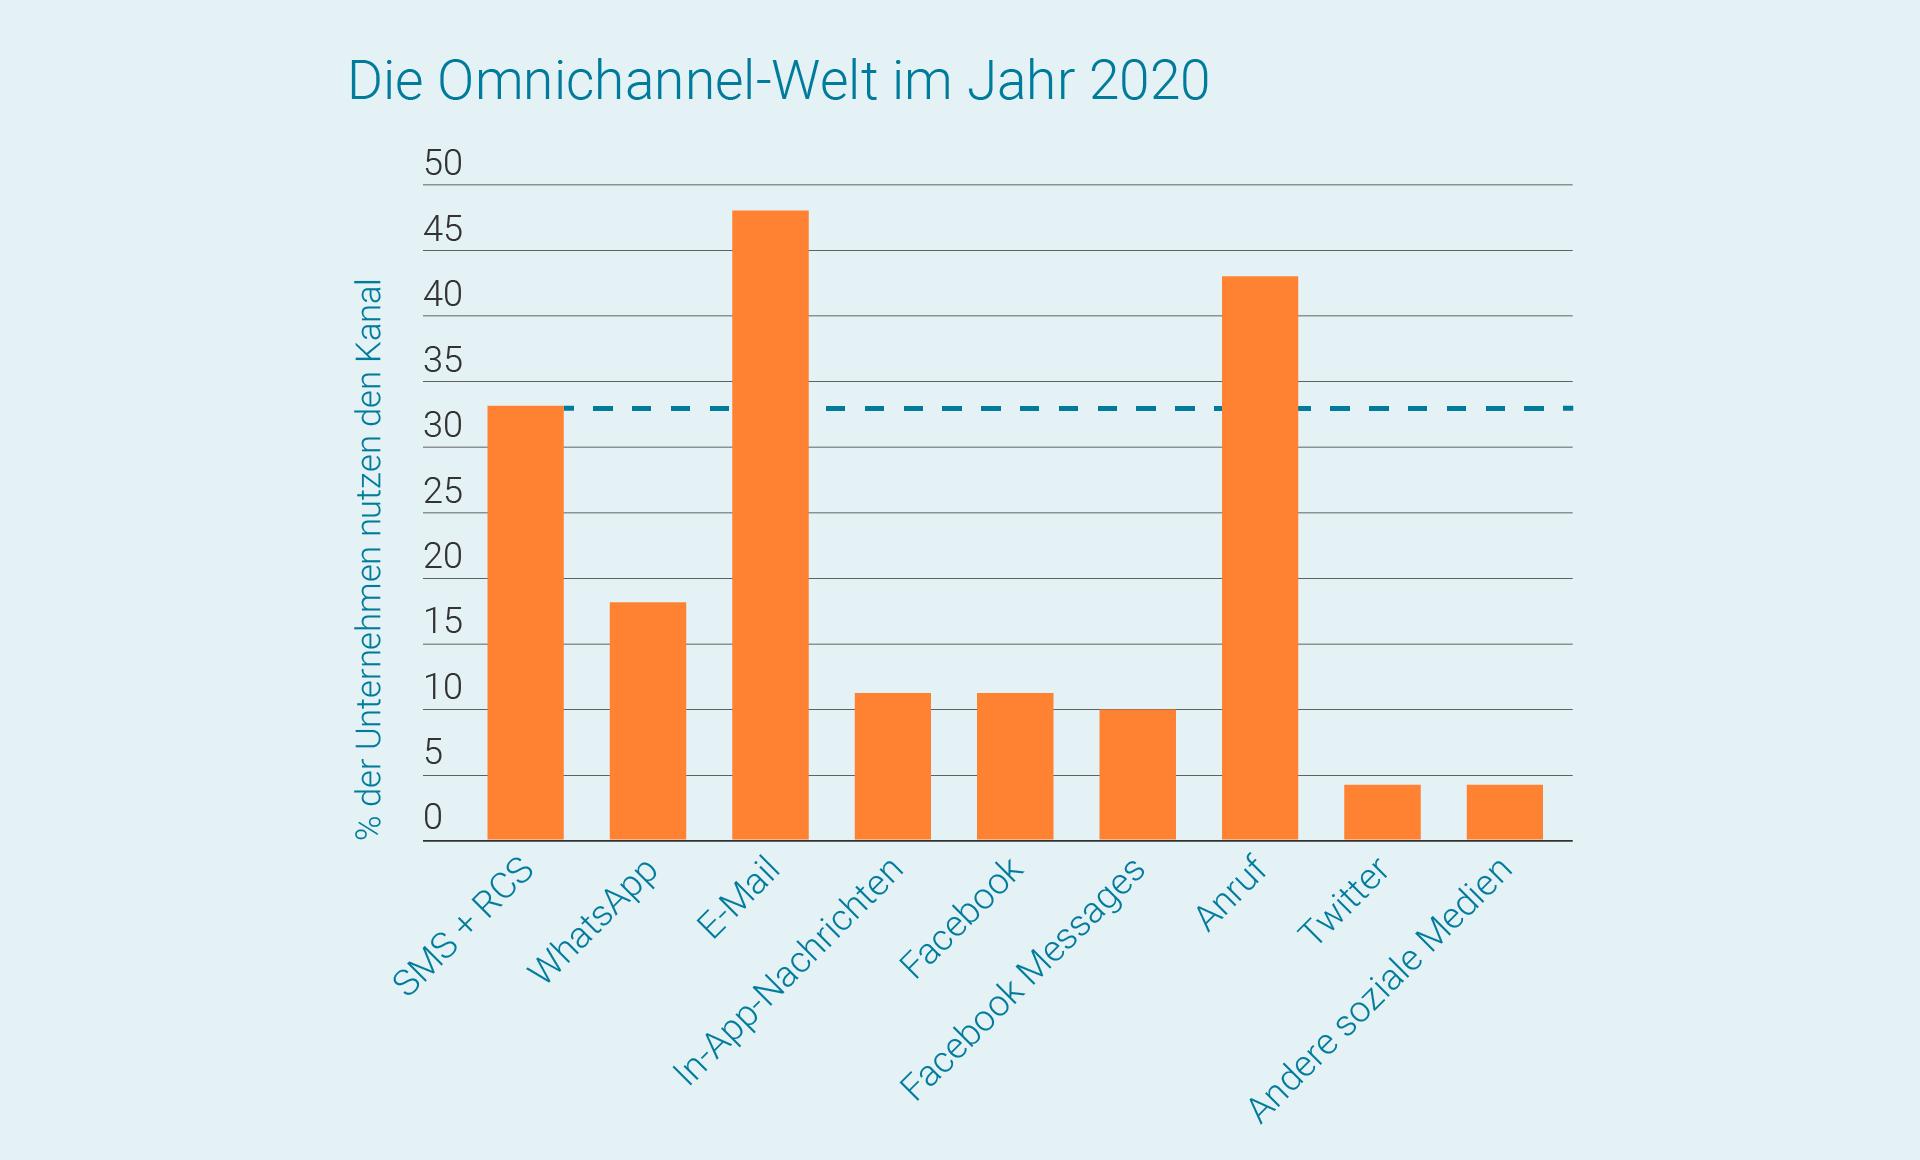 LINK Mobility - Die Omnichannel-Welt im Jahr 2020